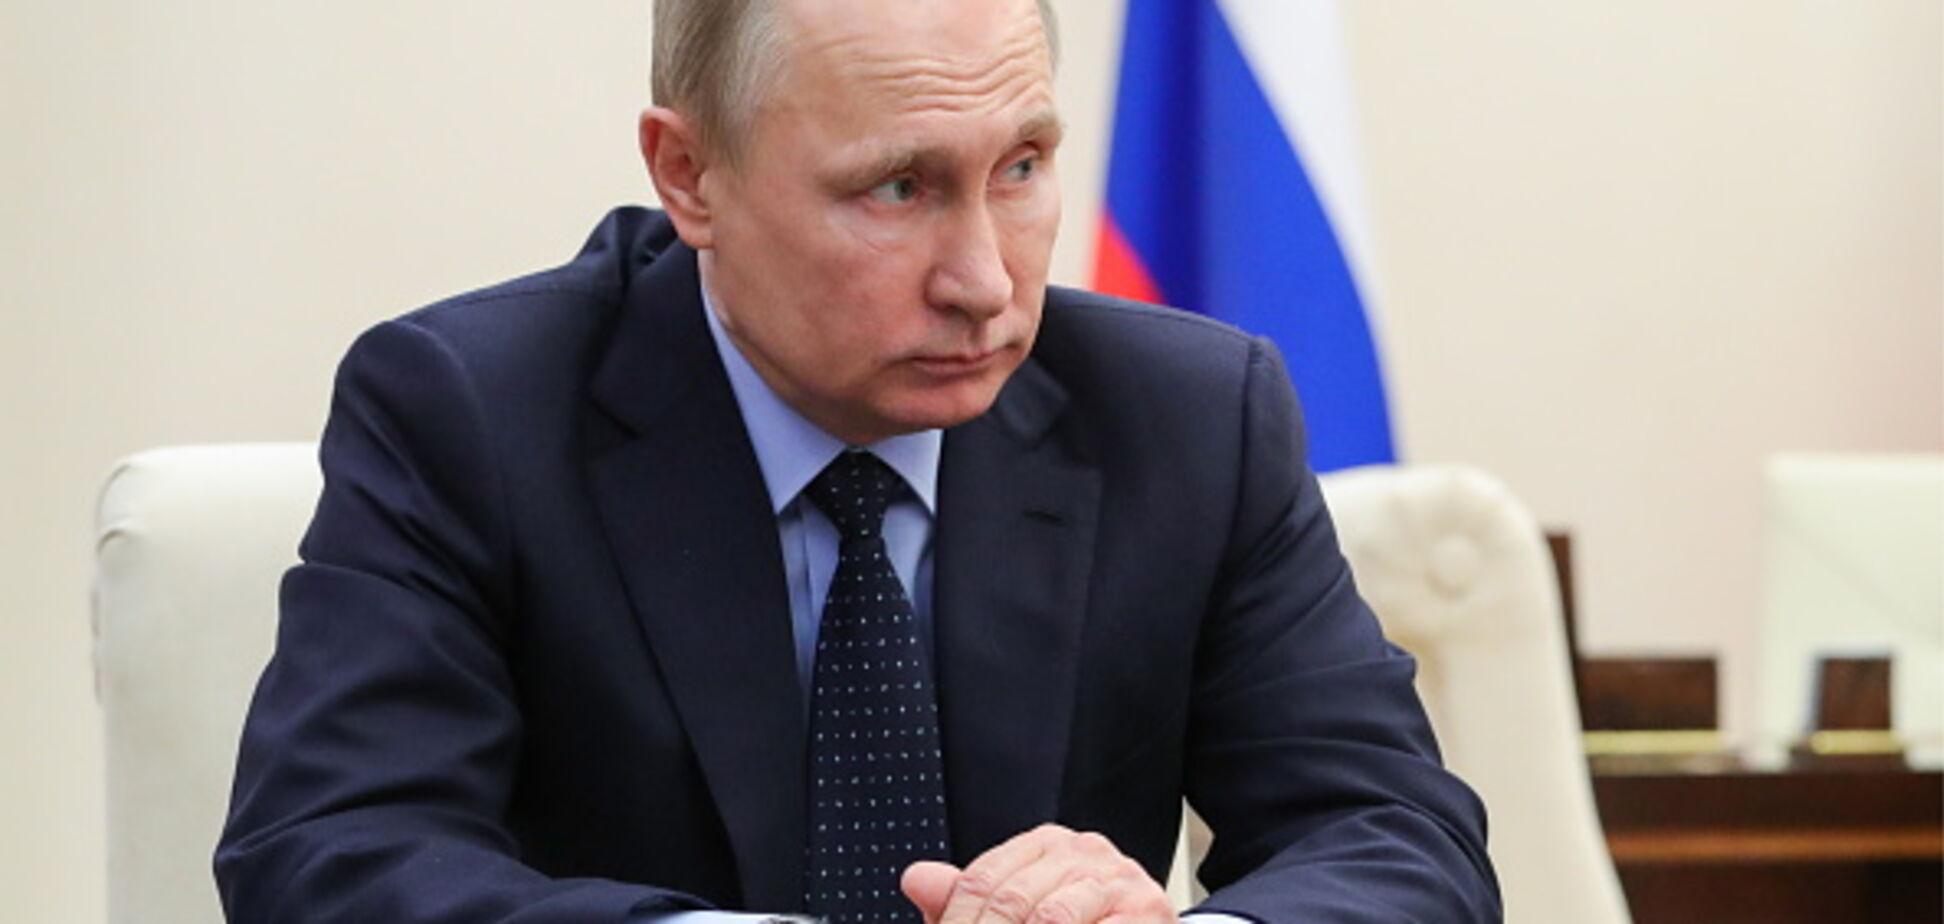 Кремль втрачає контроль: розвідка США розкрила проблему Путіна